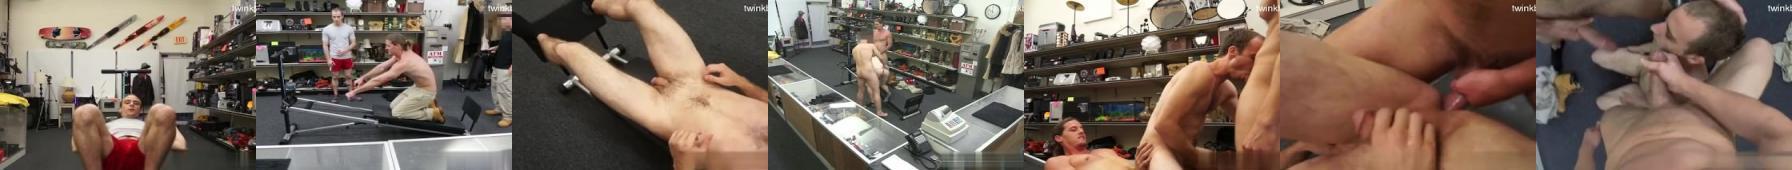 Dwóch facetów posuwa drobnego pasywka w sklepie ze sprzętem sportowym i spuszczają mu się na twarz